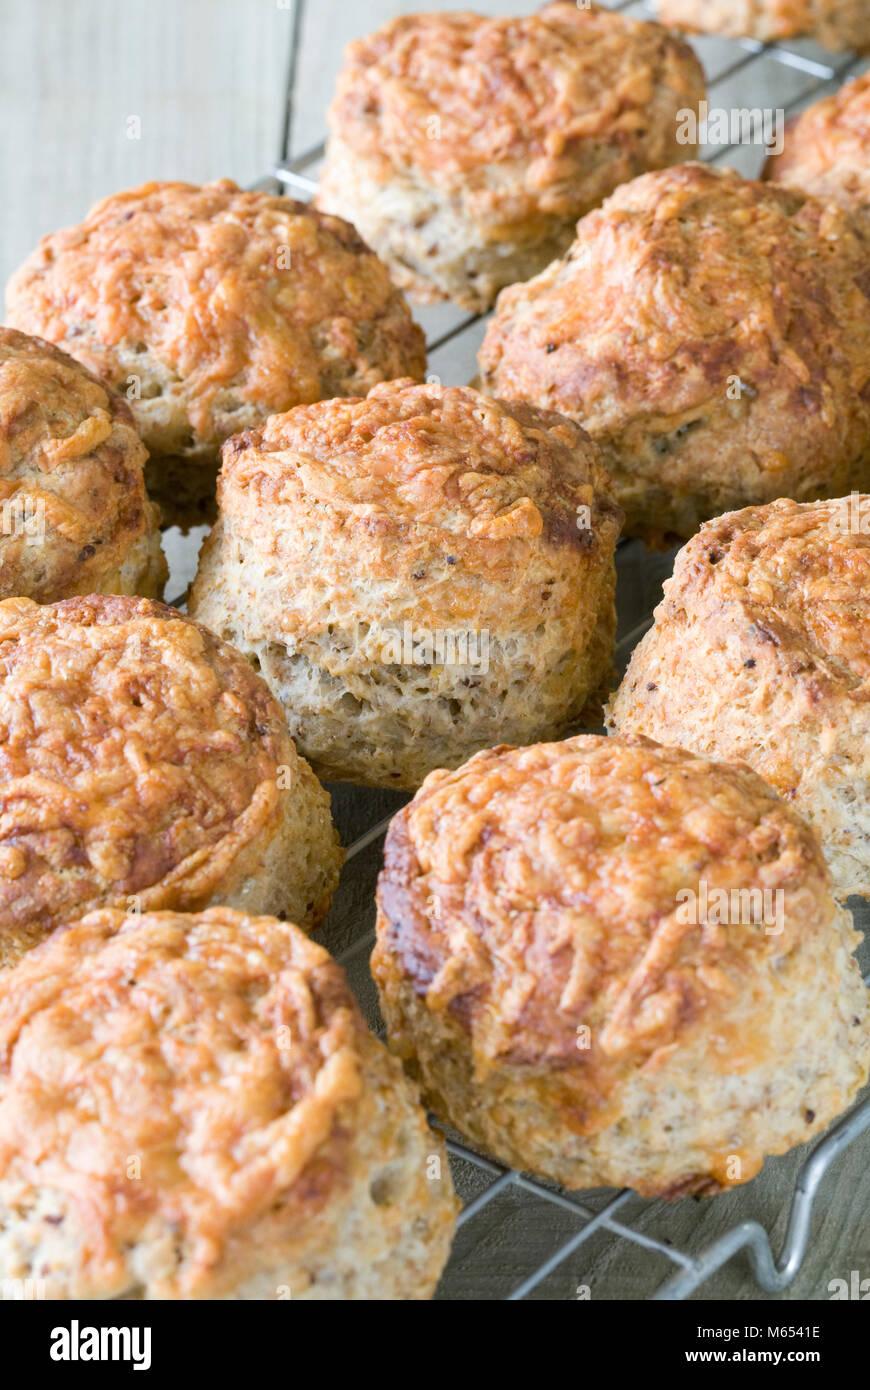 Frisch gebackenen Käse scones Kühlung in einem Draht Fach. Stockbild